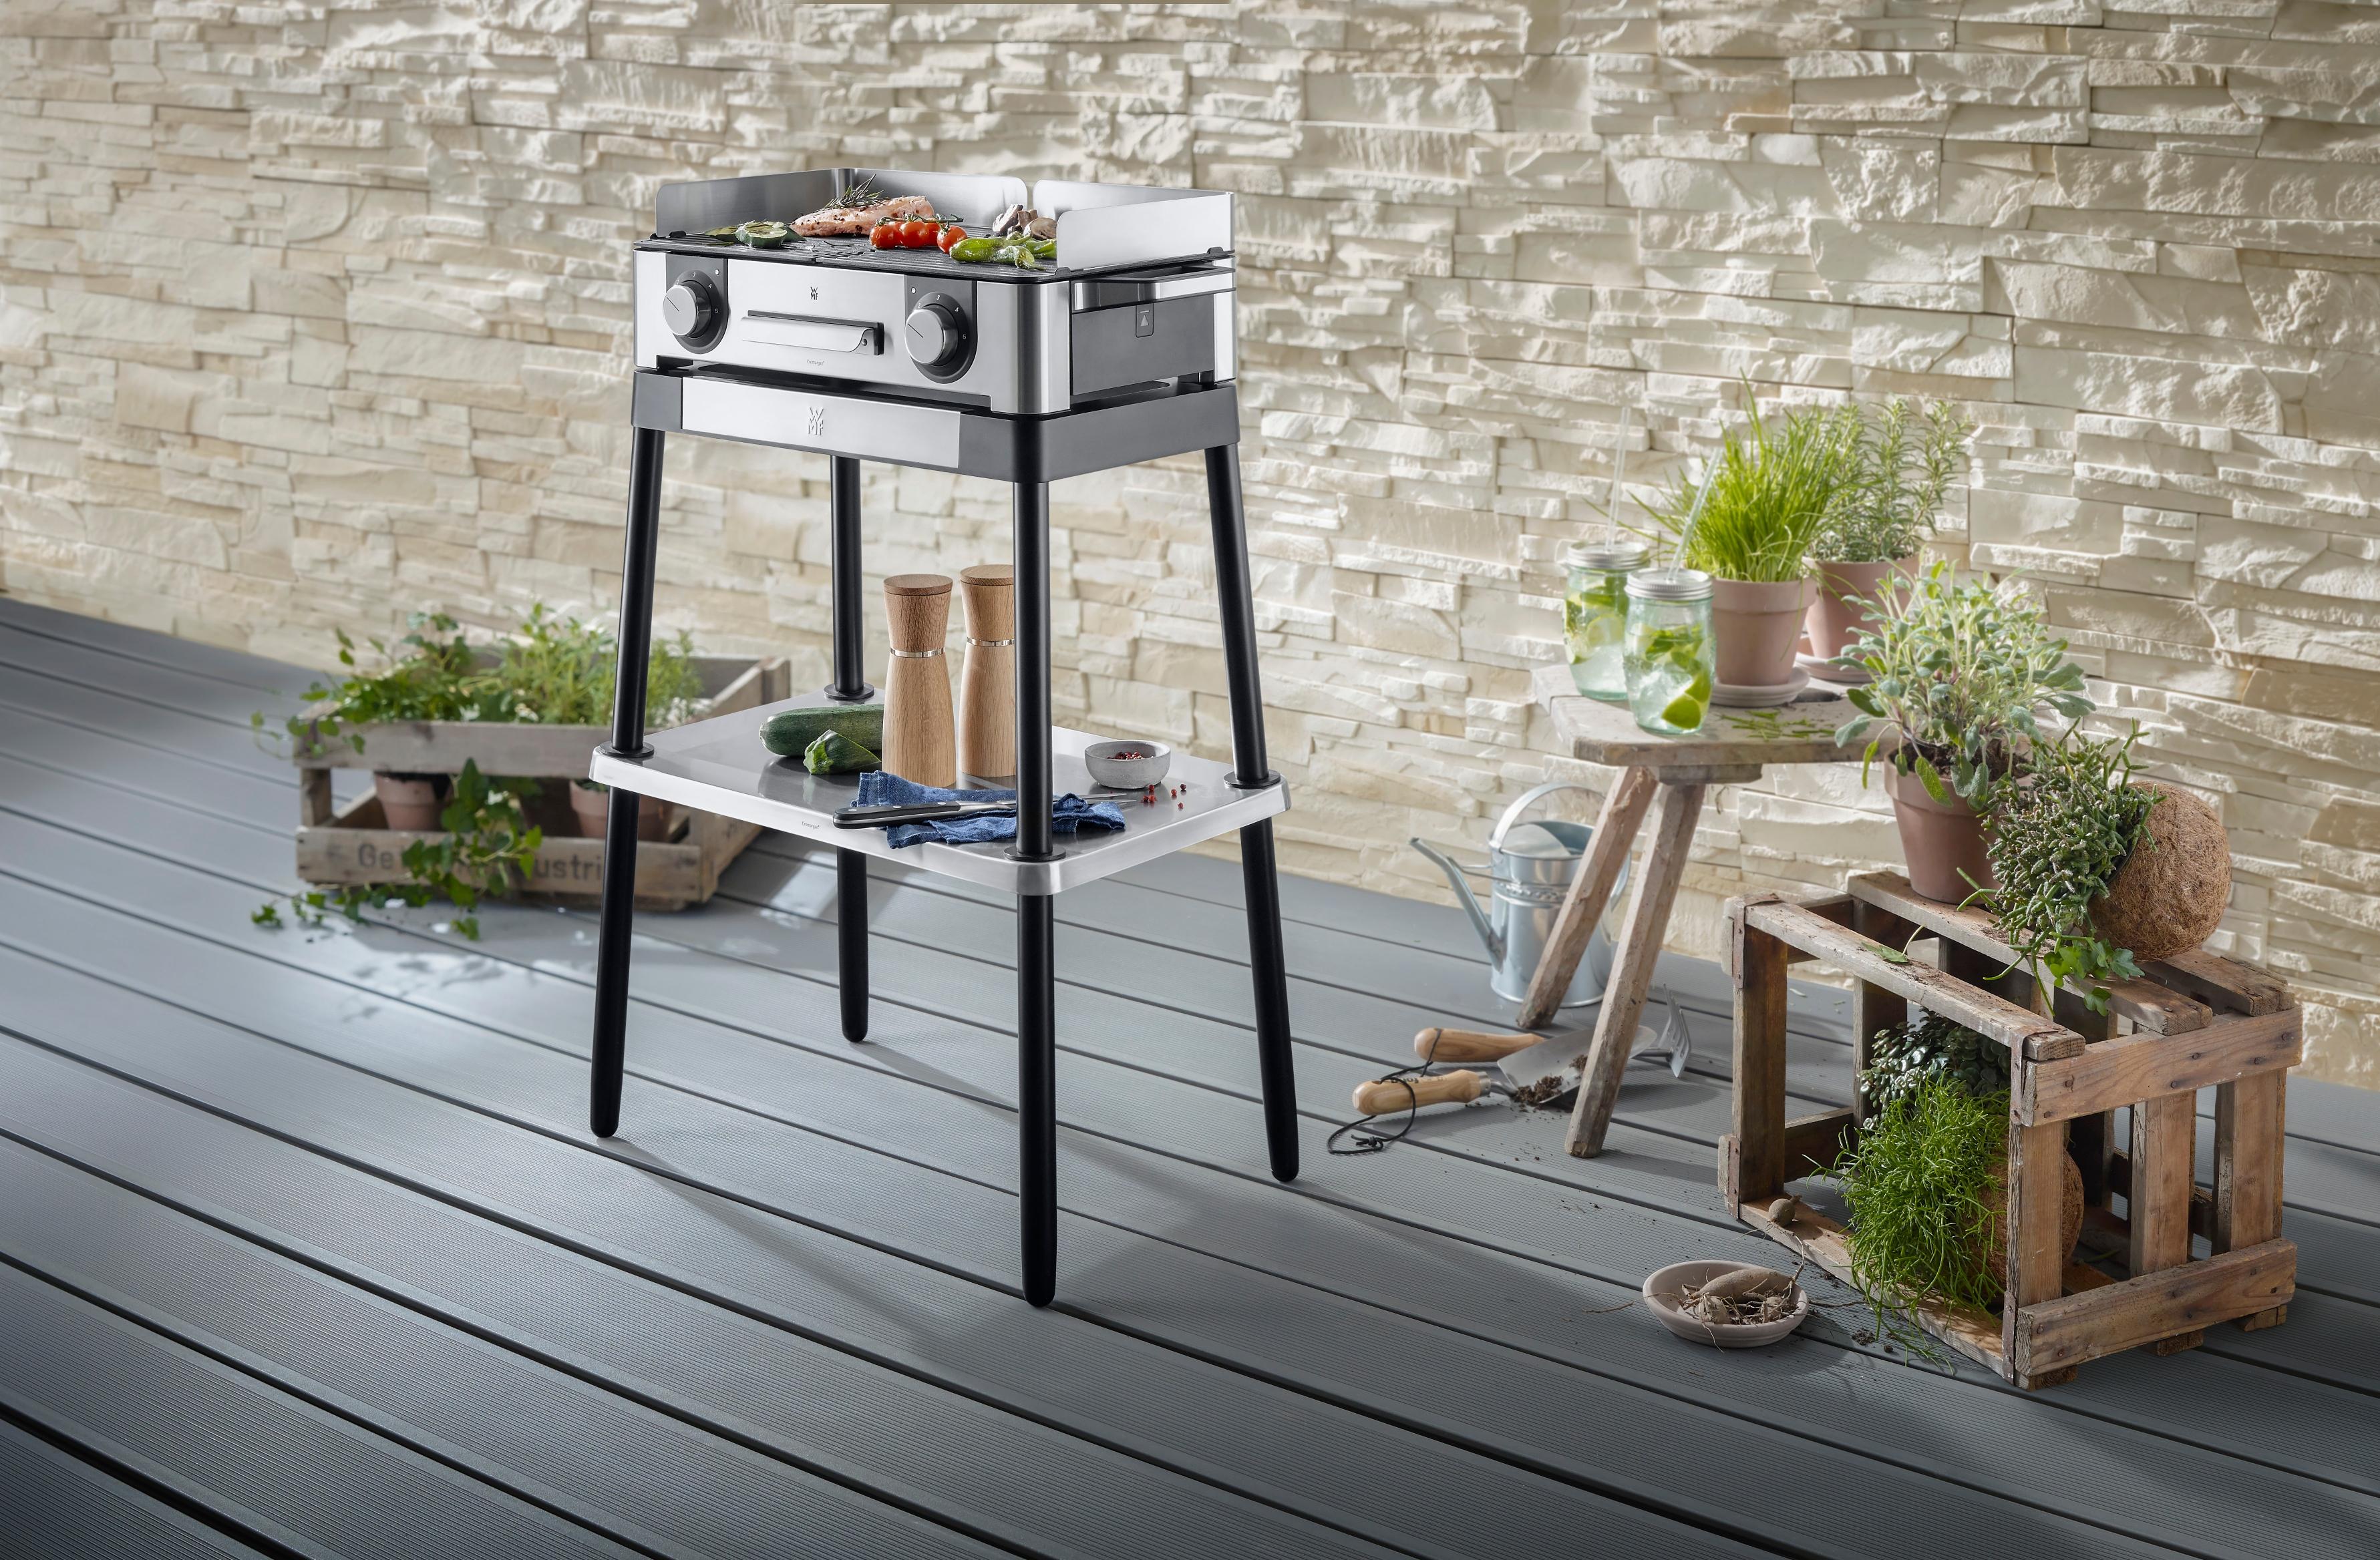 Izgara standı ile lezzetli ızgaraların tadını temiz havada çıkarın.